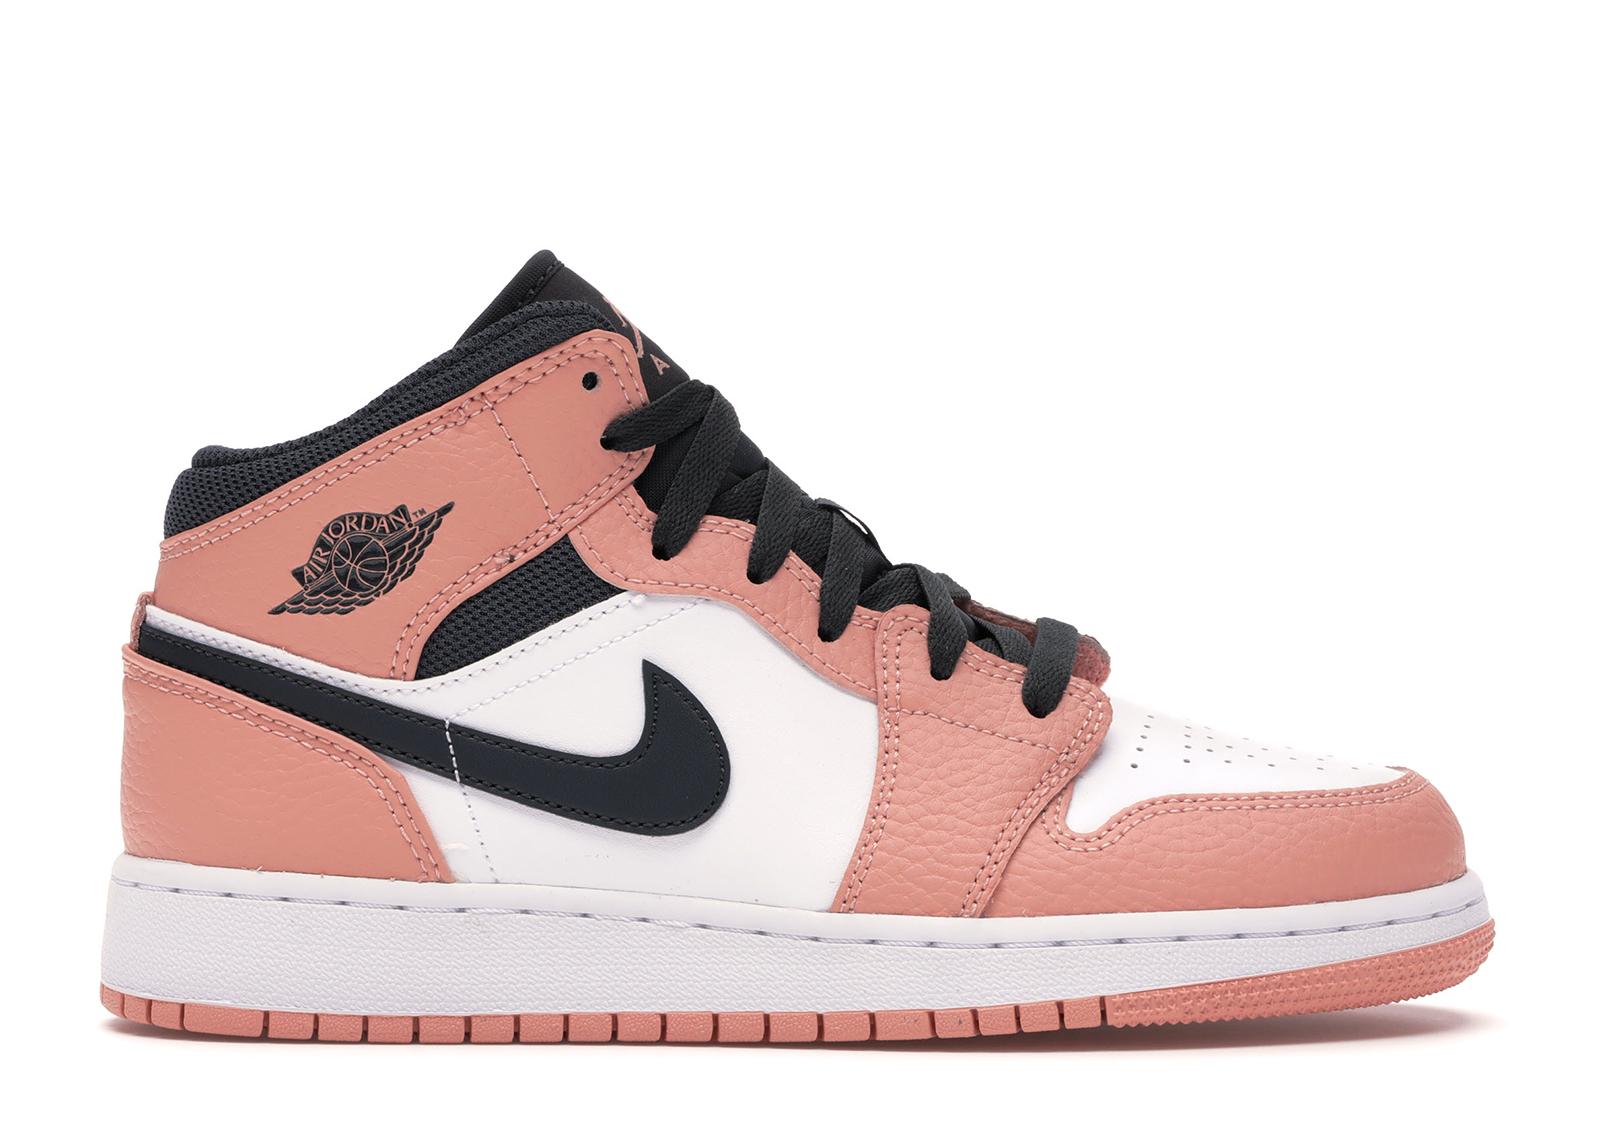 Jordan 1 Mid Pink Quartz (GS) - 555112-603